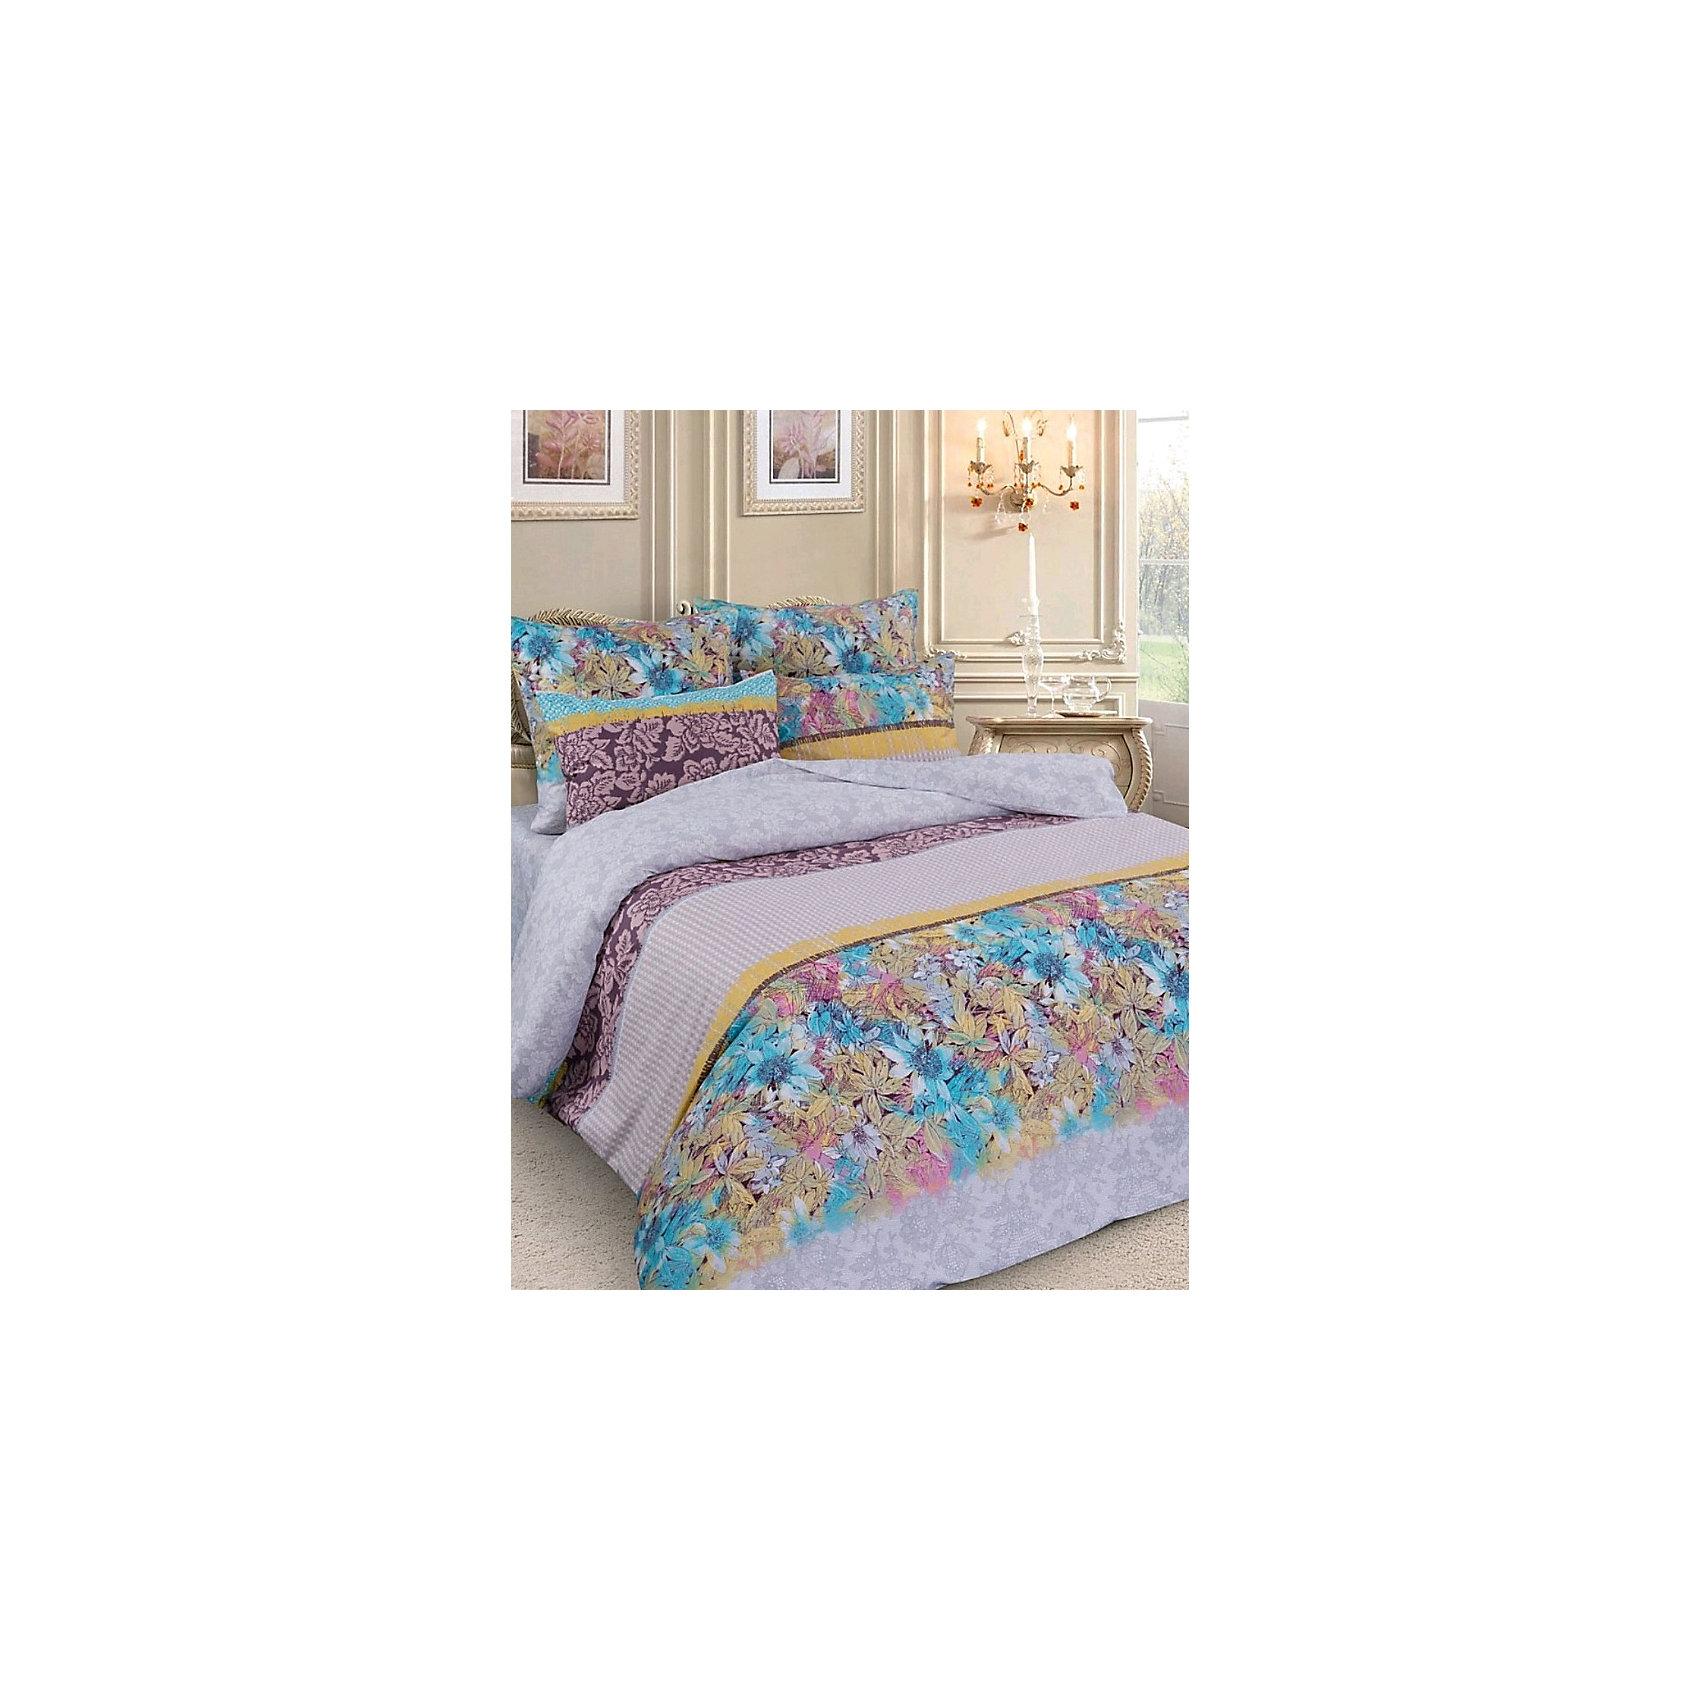 Постельное белье Евро PL26 перкаль, (нав.70х70), LettoХарактеристики:<br><br>• Вид домашнего текстиля: постельное белье<br>• Тип постельного белья по размерам: Евро<br>• Серия: Letto.cotton<br>• Сезон: круглый год<br>• Материал: перкаль <br>• Цвет: голубой, желтый, сиреневый, фиолетовый<br>• Комплектация: <br>  пододеяльник – 1 шт. 200*220 см <br>  простынь – 1 шт. 220*240 см<br>  наволочки – 2 шт. 70*70 см<br>• Тип упаковки: книжка картонная<br>• Вес в упаковке: 1 кг 950 г<br>• Размеры упаковки (Д*Ш*В): 38*29*7 см<br>• Особенности ухода: машинная стирка <br><br>Постельное белье Евро PL26 перкаль, (нав.70х70), Letto от отечественного производителя выполнено из натурального хлопка, обладающего повышенными износоустойчивыми качествами. Пакистанский перкаль, который отличается высокой степенью плетения полотна, обеспечивает комплекту мягкий блеск, защиту от образования катышков, стойкость цвета и защиту от деформации при частых стирках и длительном использовании. Постельное белье из перкаля особо тонкое и приятное на ощупь. Комплект выполнен в размерах и комплектации Евро. Дизайн постельного белья представляет собой сочетание полос из цветочного рисунка разного размера. Комплект упакован в упаковку-книжку, что делает его идеальным вариантом для подарка к празднику или торжеству. <br><br>Постельное белье Евро PL26 перкаль, (нав.70х70), Letto можно купить в нашем интернет-магазине.<br><br>Ширина мм: 250<br>Глубина мм: 100<br>Высота мм: 350<br>Вес г: 2500<br>Возраст от месяцев: 84<br>Возраст до месяцев: 1188<br>Пол: Женский<br>Возраст: Детский<br>SKU: 5121927